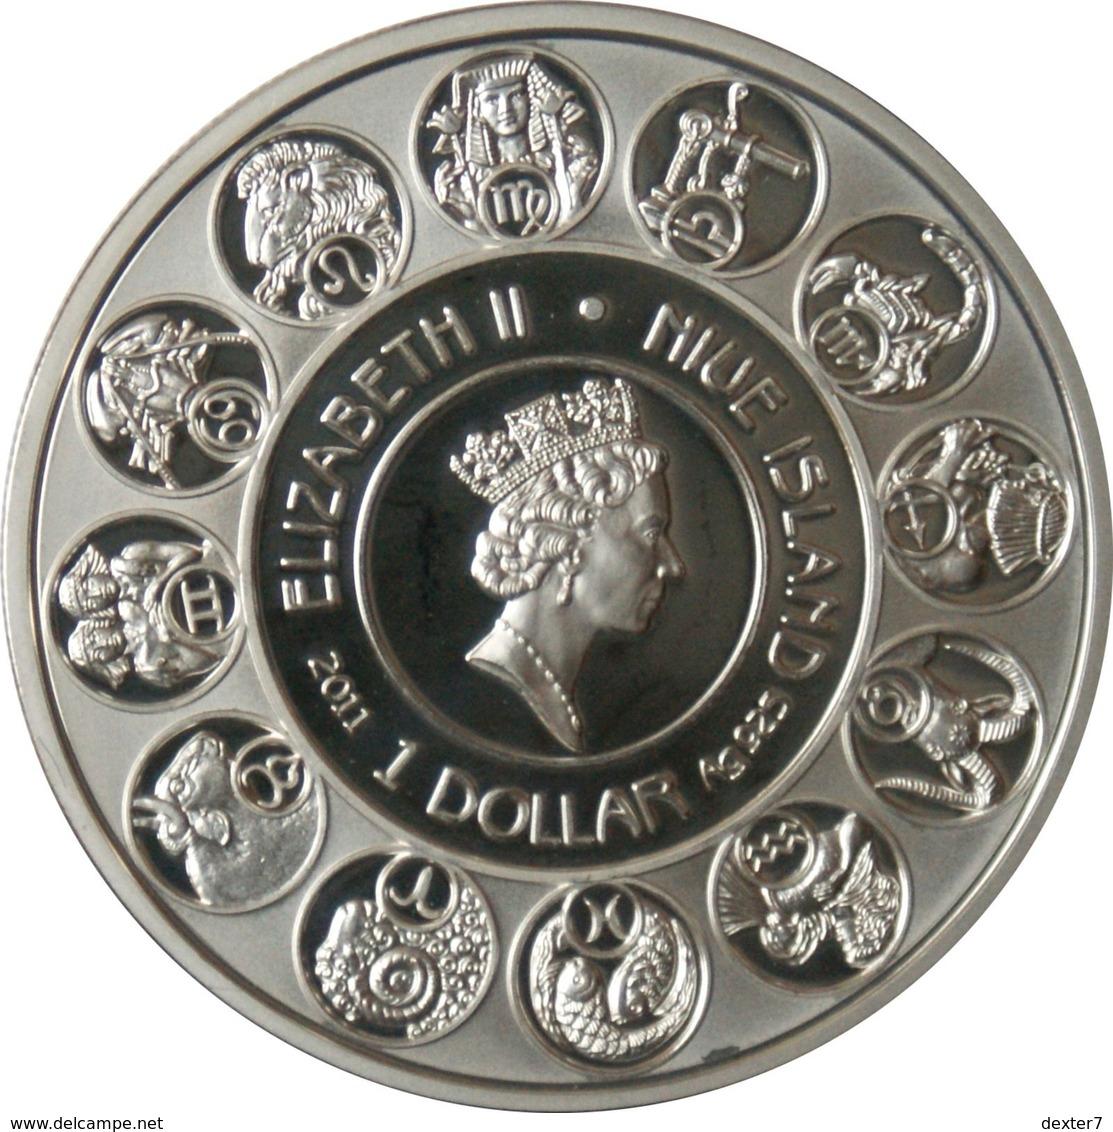 Niue, Mucha Zodiac SCORPIO 2011 Silver 925 Sterling - Zodiaco Segno Zodiacale SCORPIONE Argento 925 - Niue